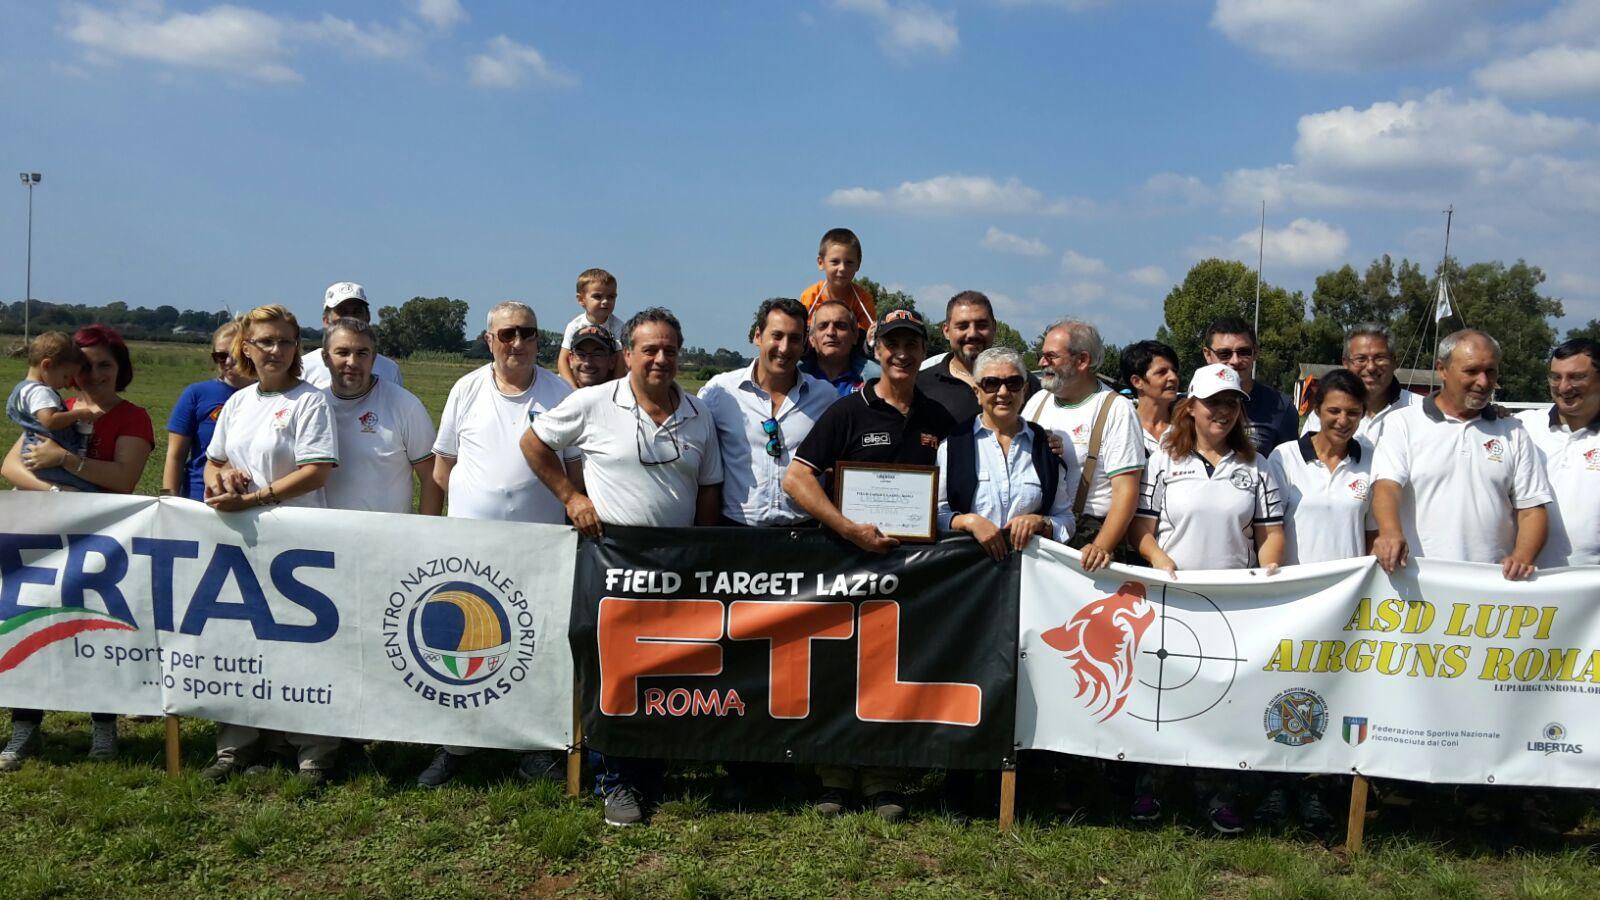 A Pontinia – Latina – Si Va In Scena Con Il Field Target. Il Trofeo Dedicato Al Nostro Caro Rino Molina